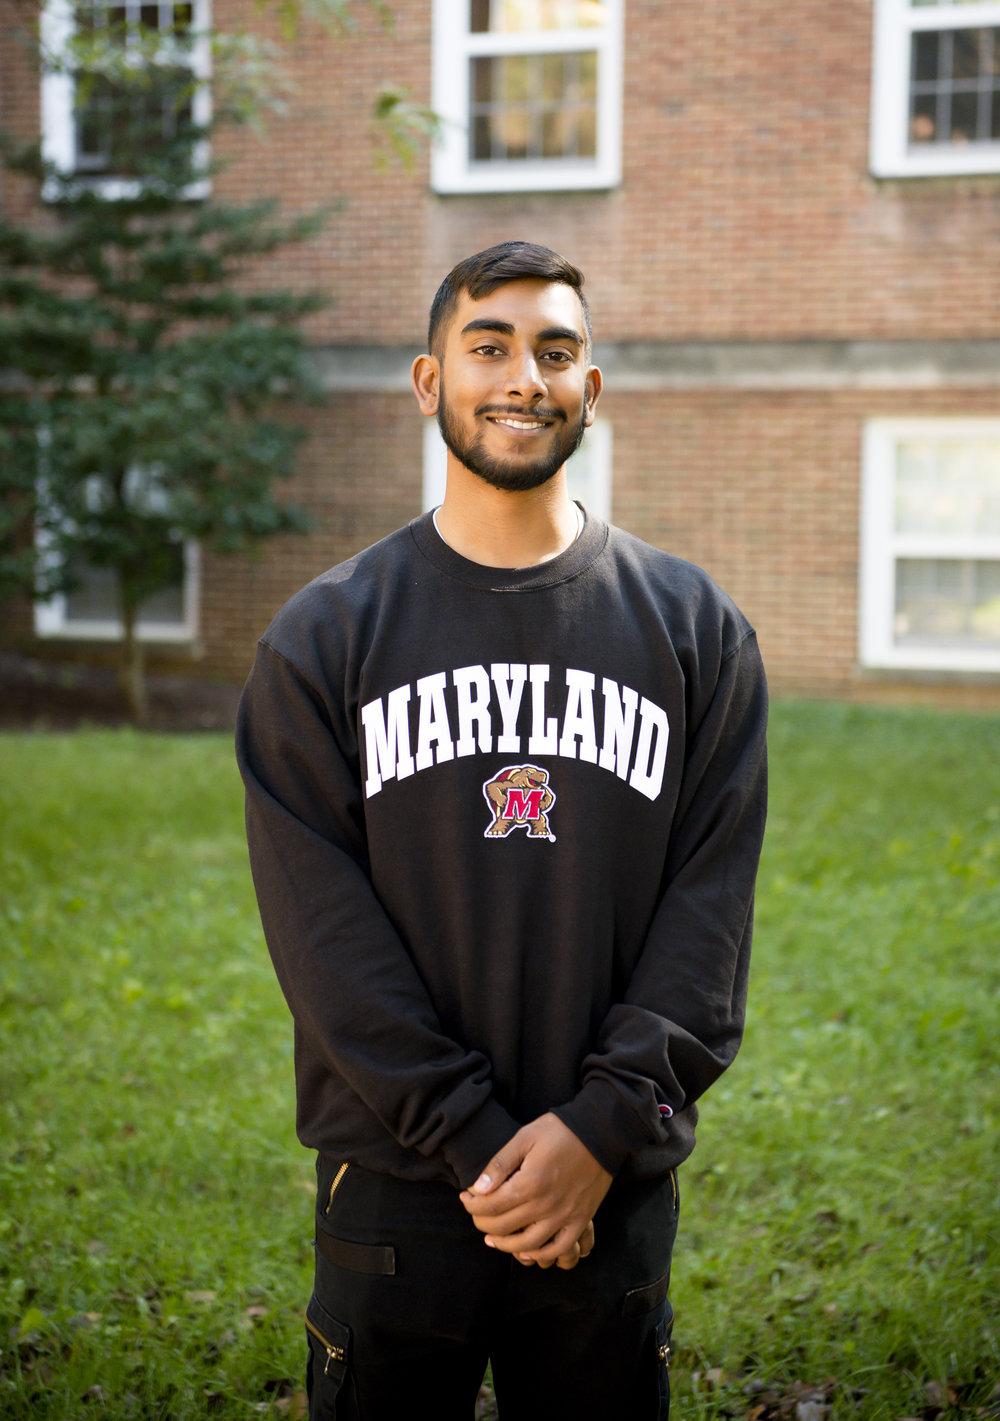 Joshua Pooranmal - Senior, Computer Science